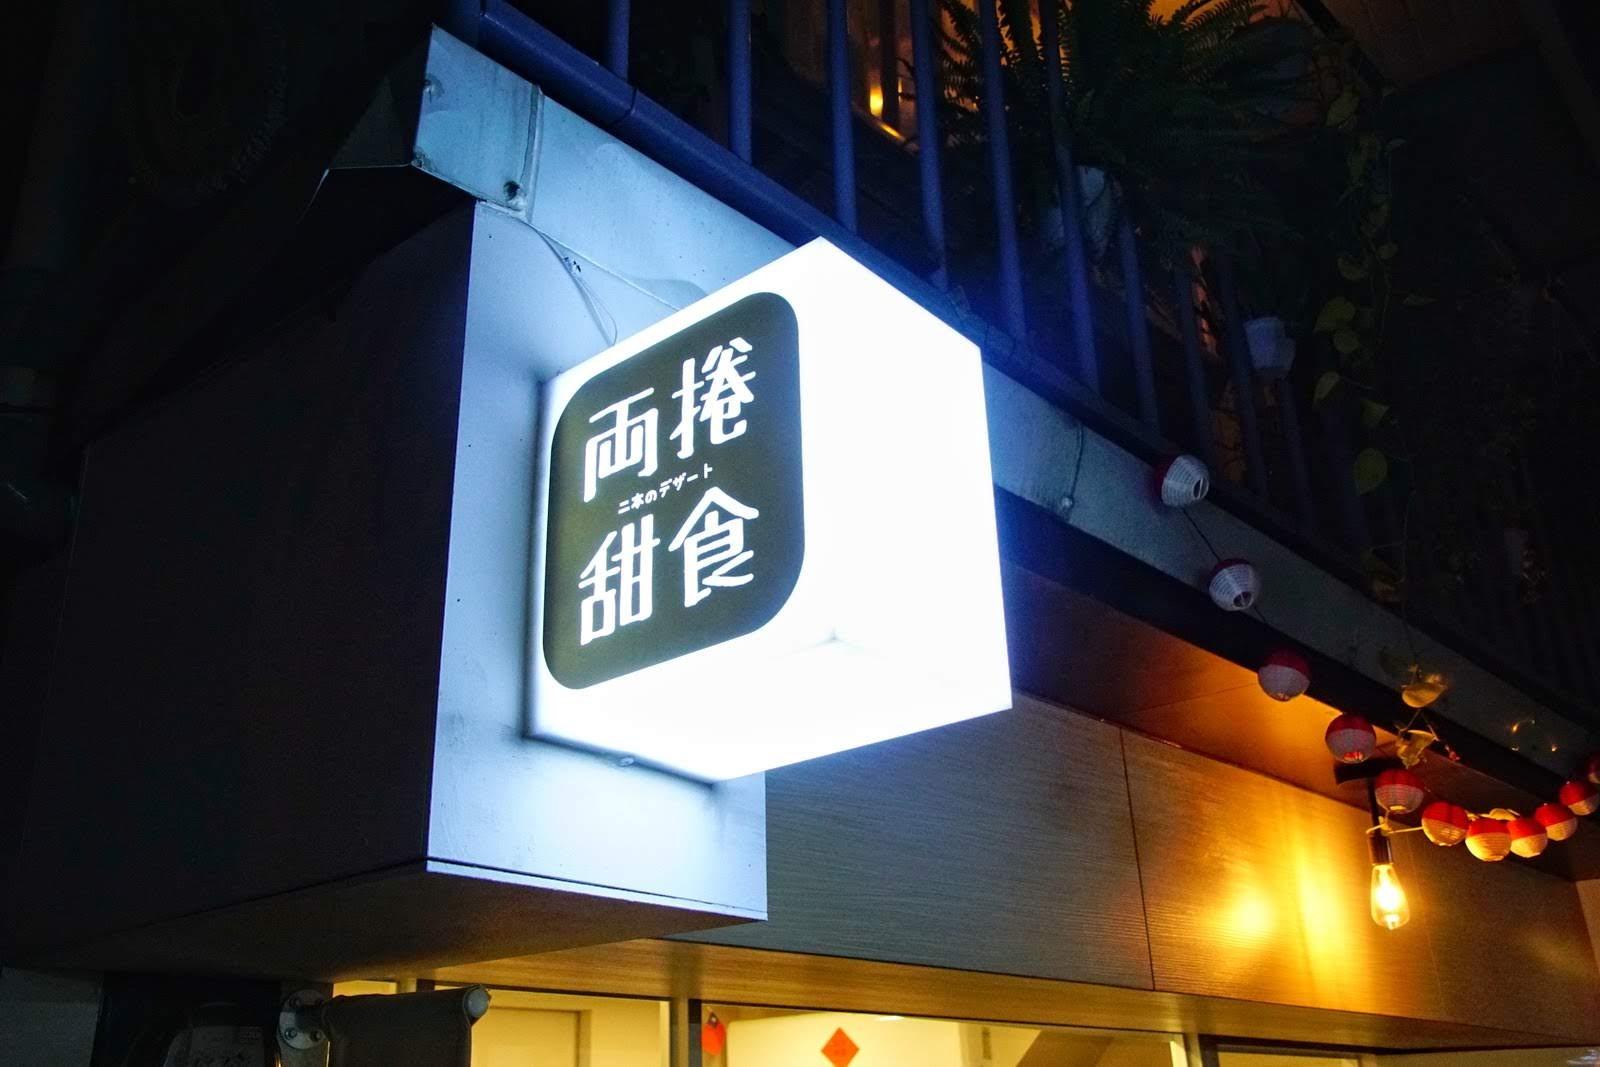 [台南][北區] 両捲甜食|巷子內的小小豆花(蒜)店|食記